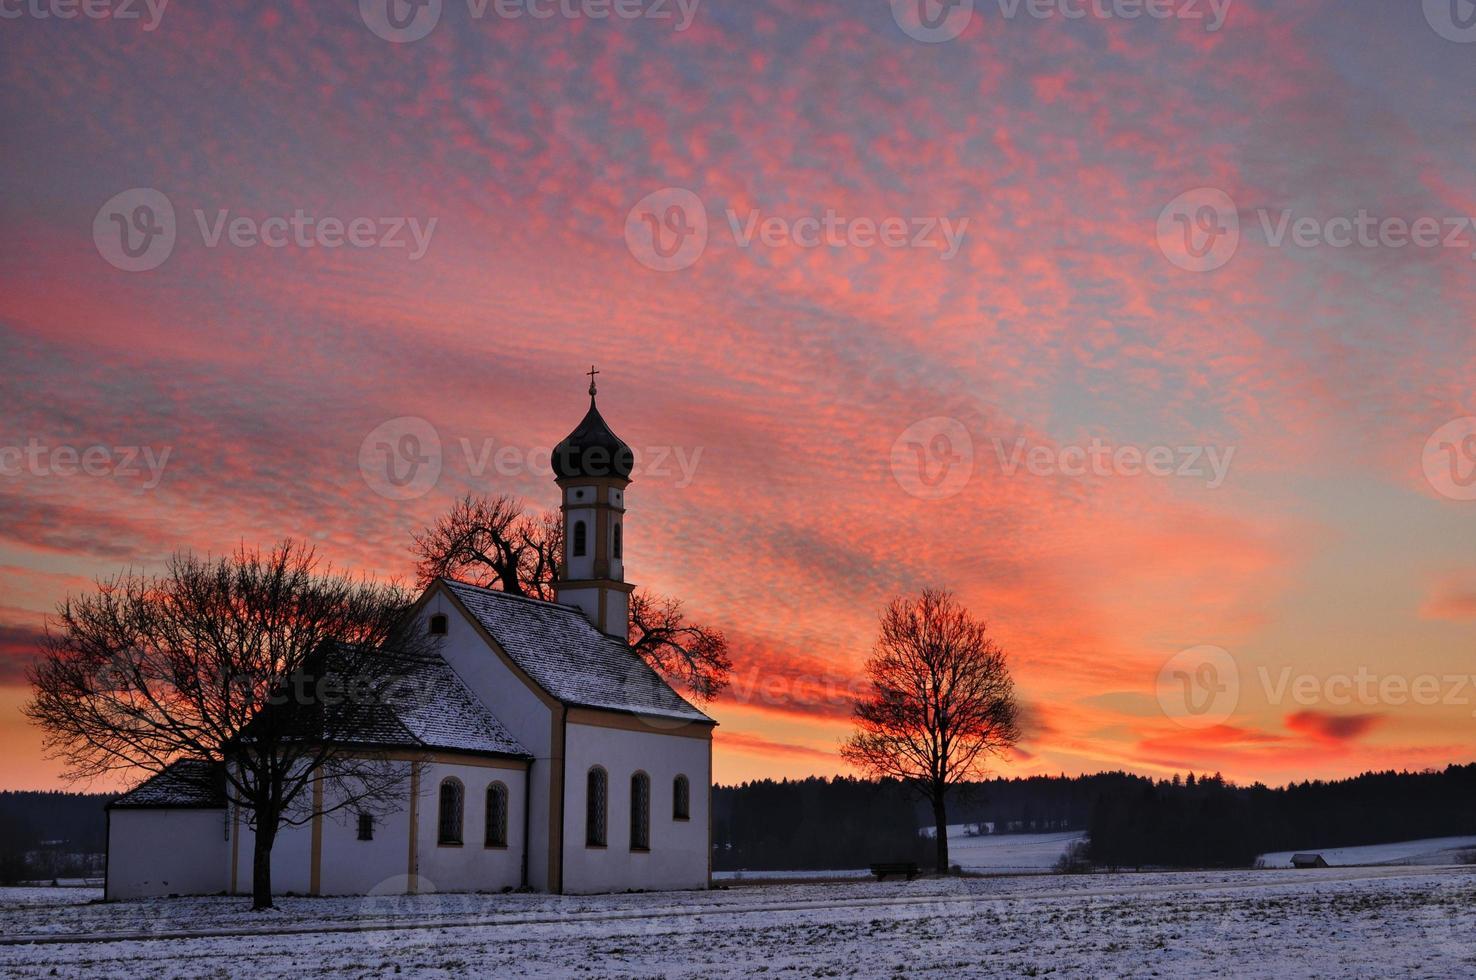 chiesa bavarese tradizionale al sunrinse foto